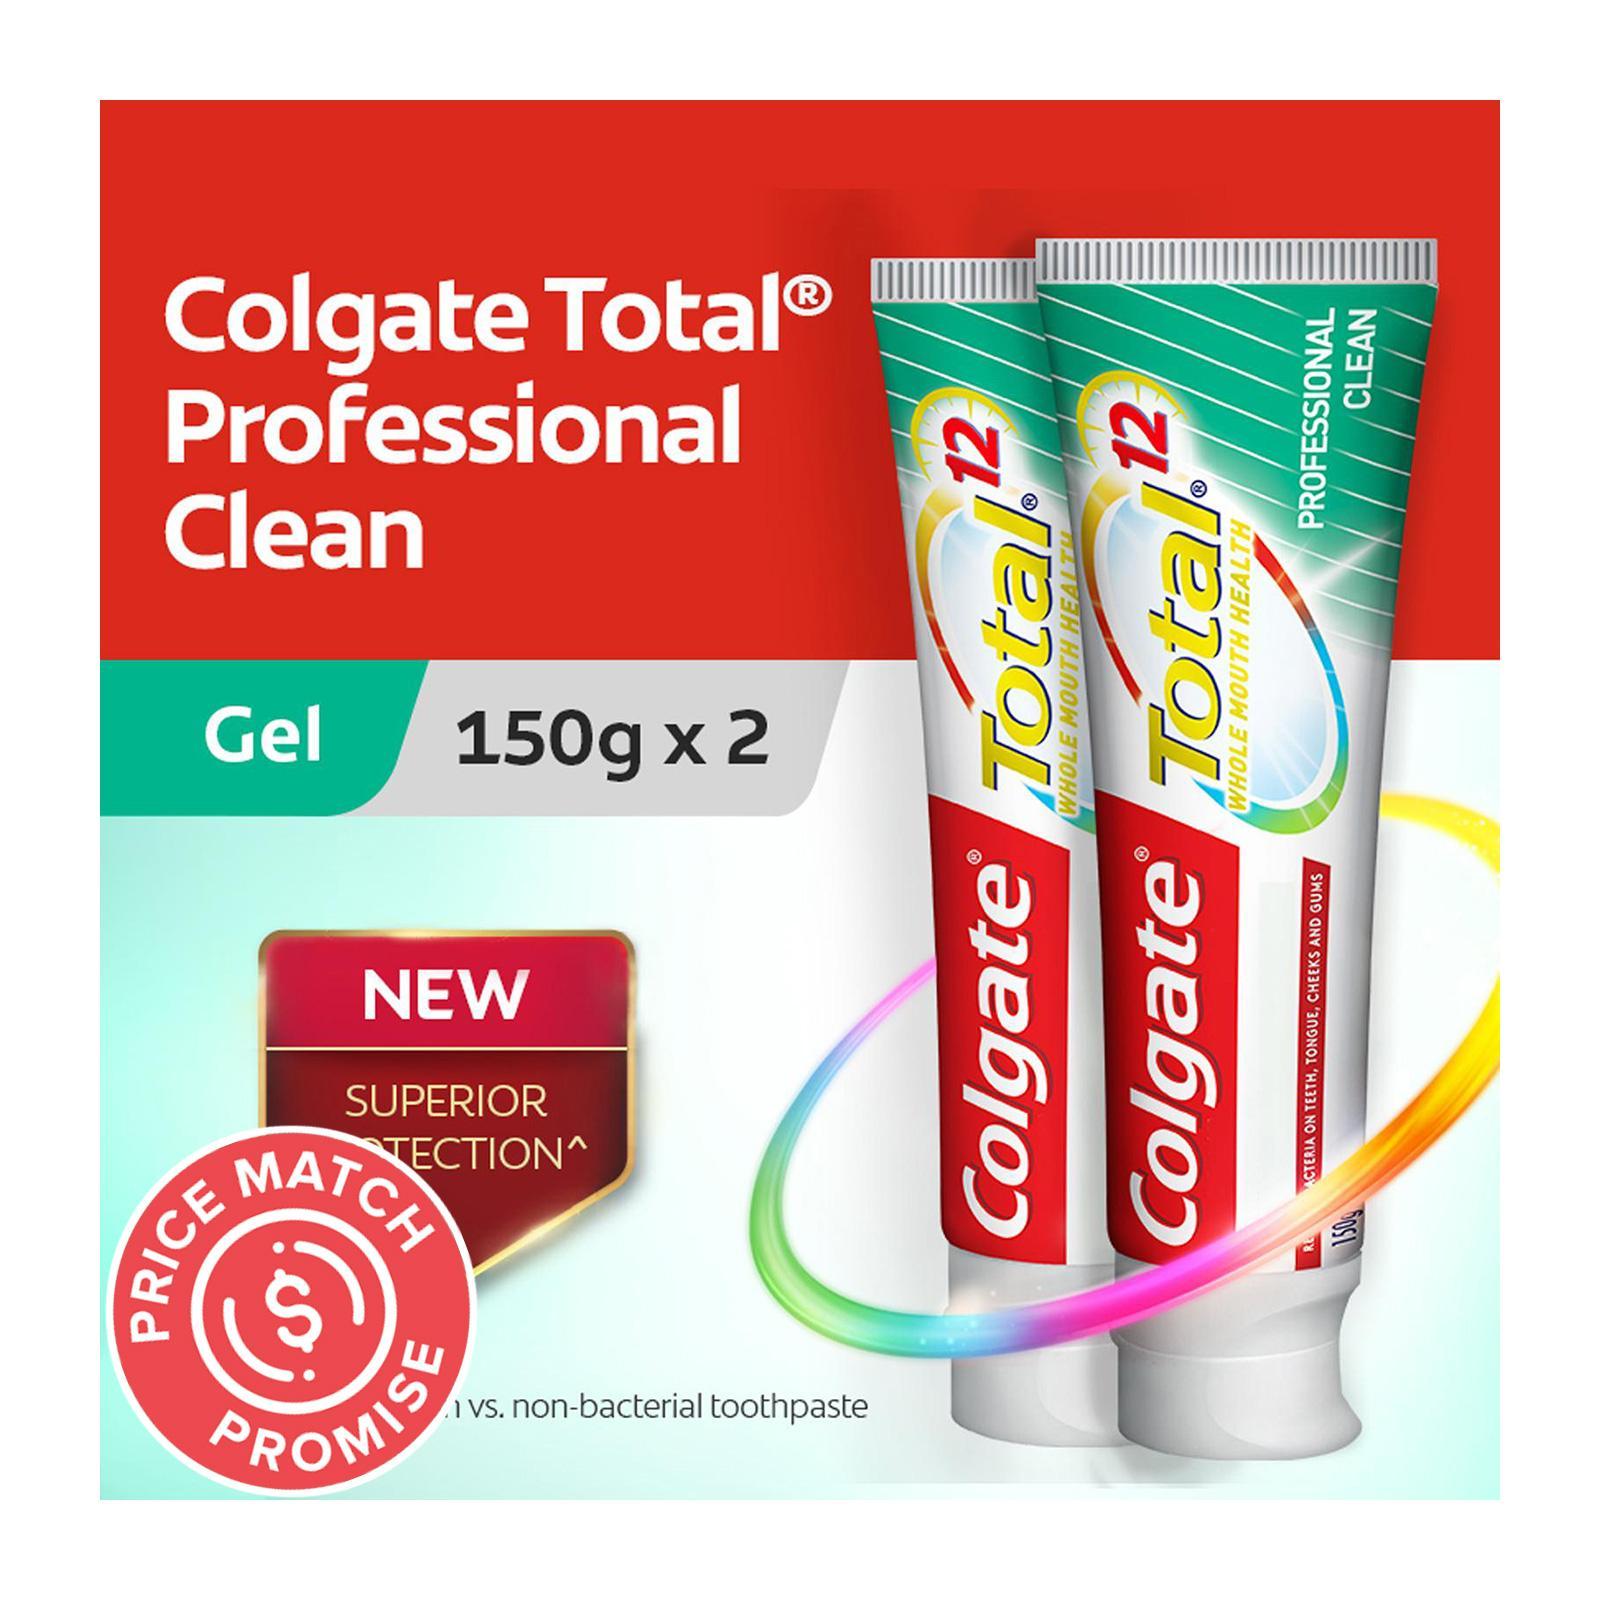 Colgate Total Professional Clean Gel Antibacterial Toothpaste Valuepack 150g x 2